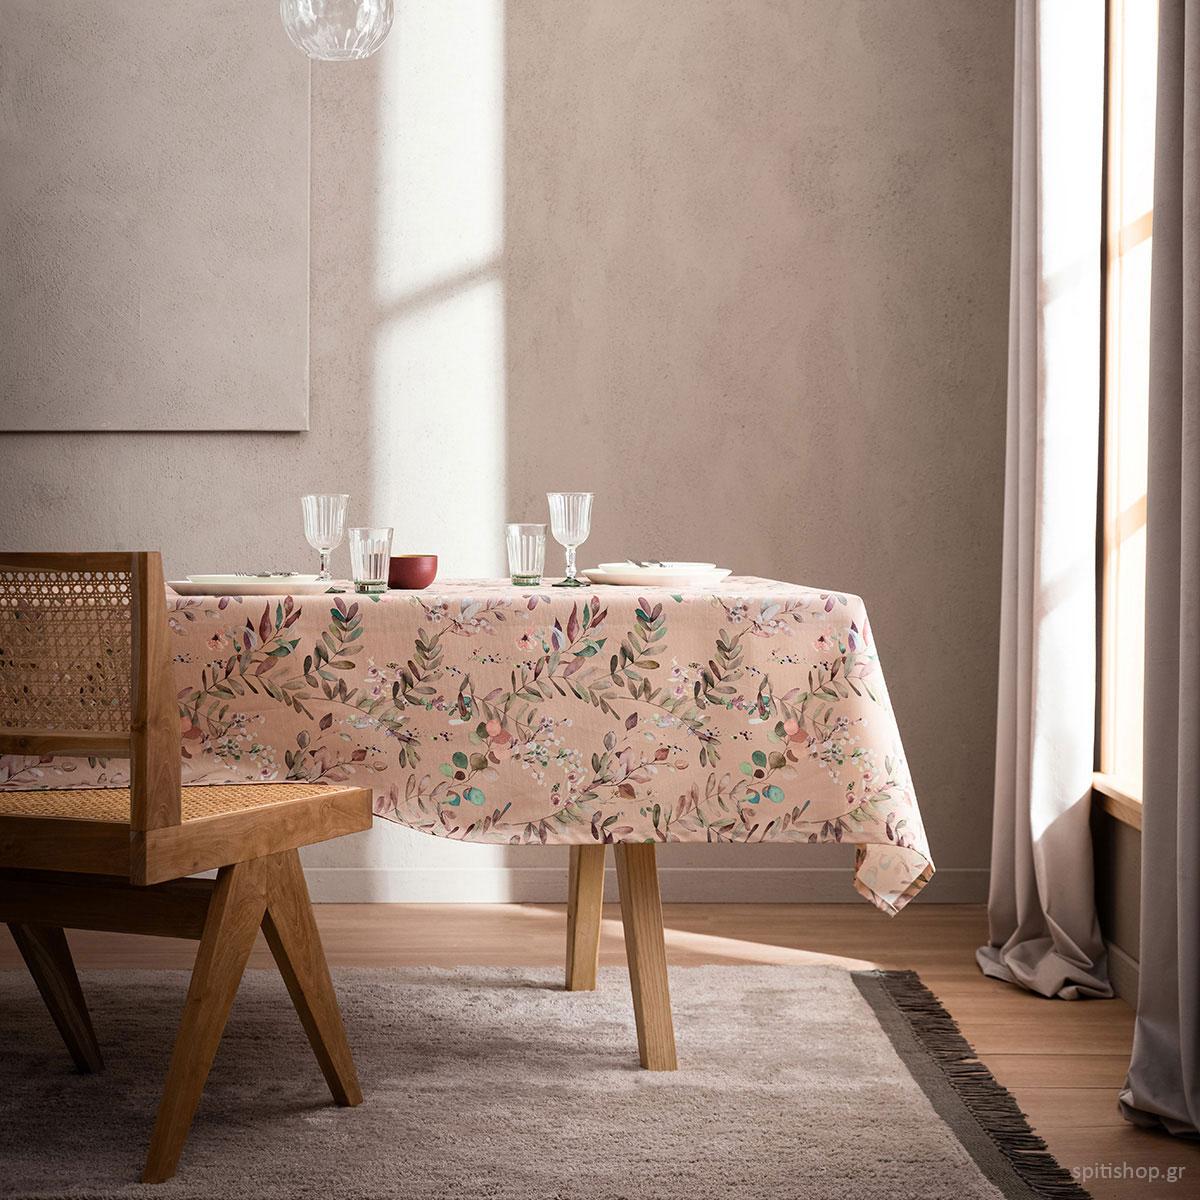 Τραπεζομάντηλο (135×220) Gofis Home Romance 945